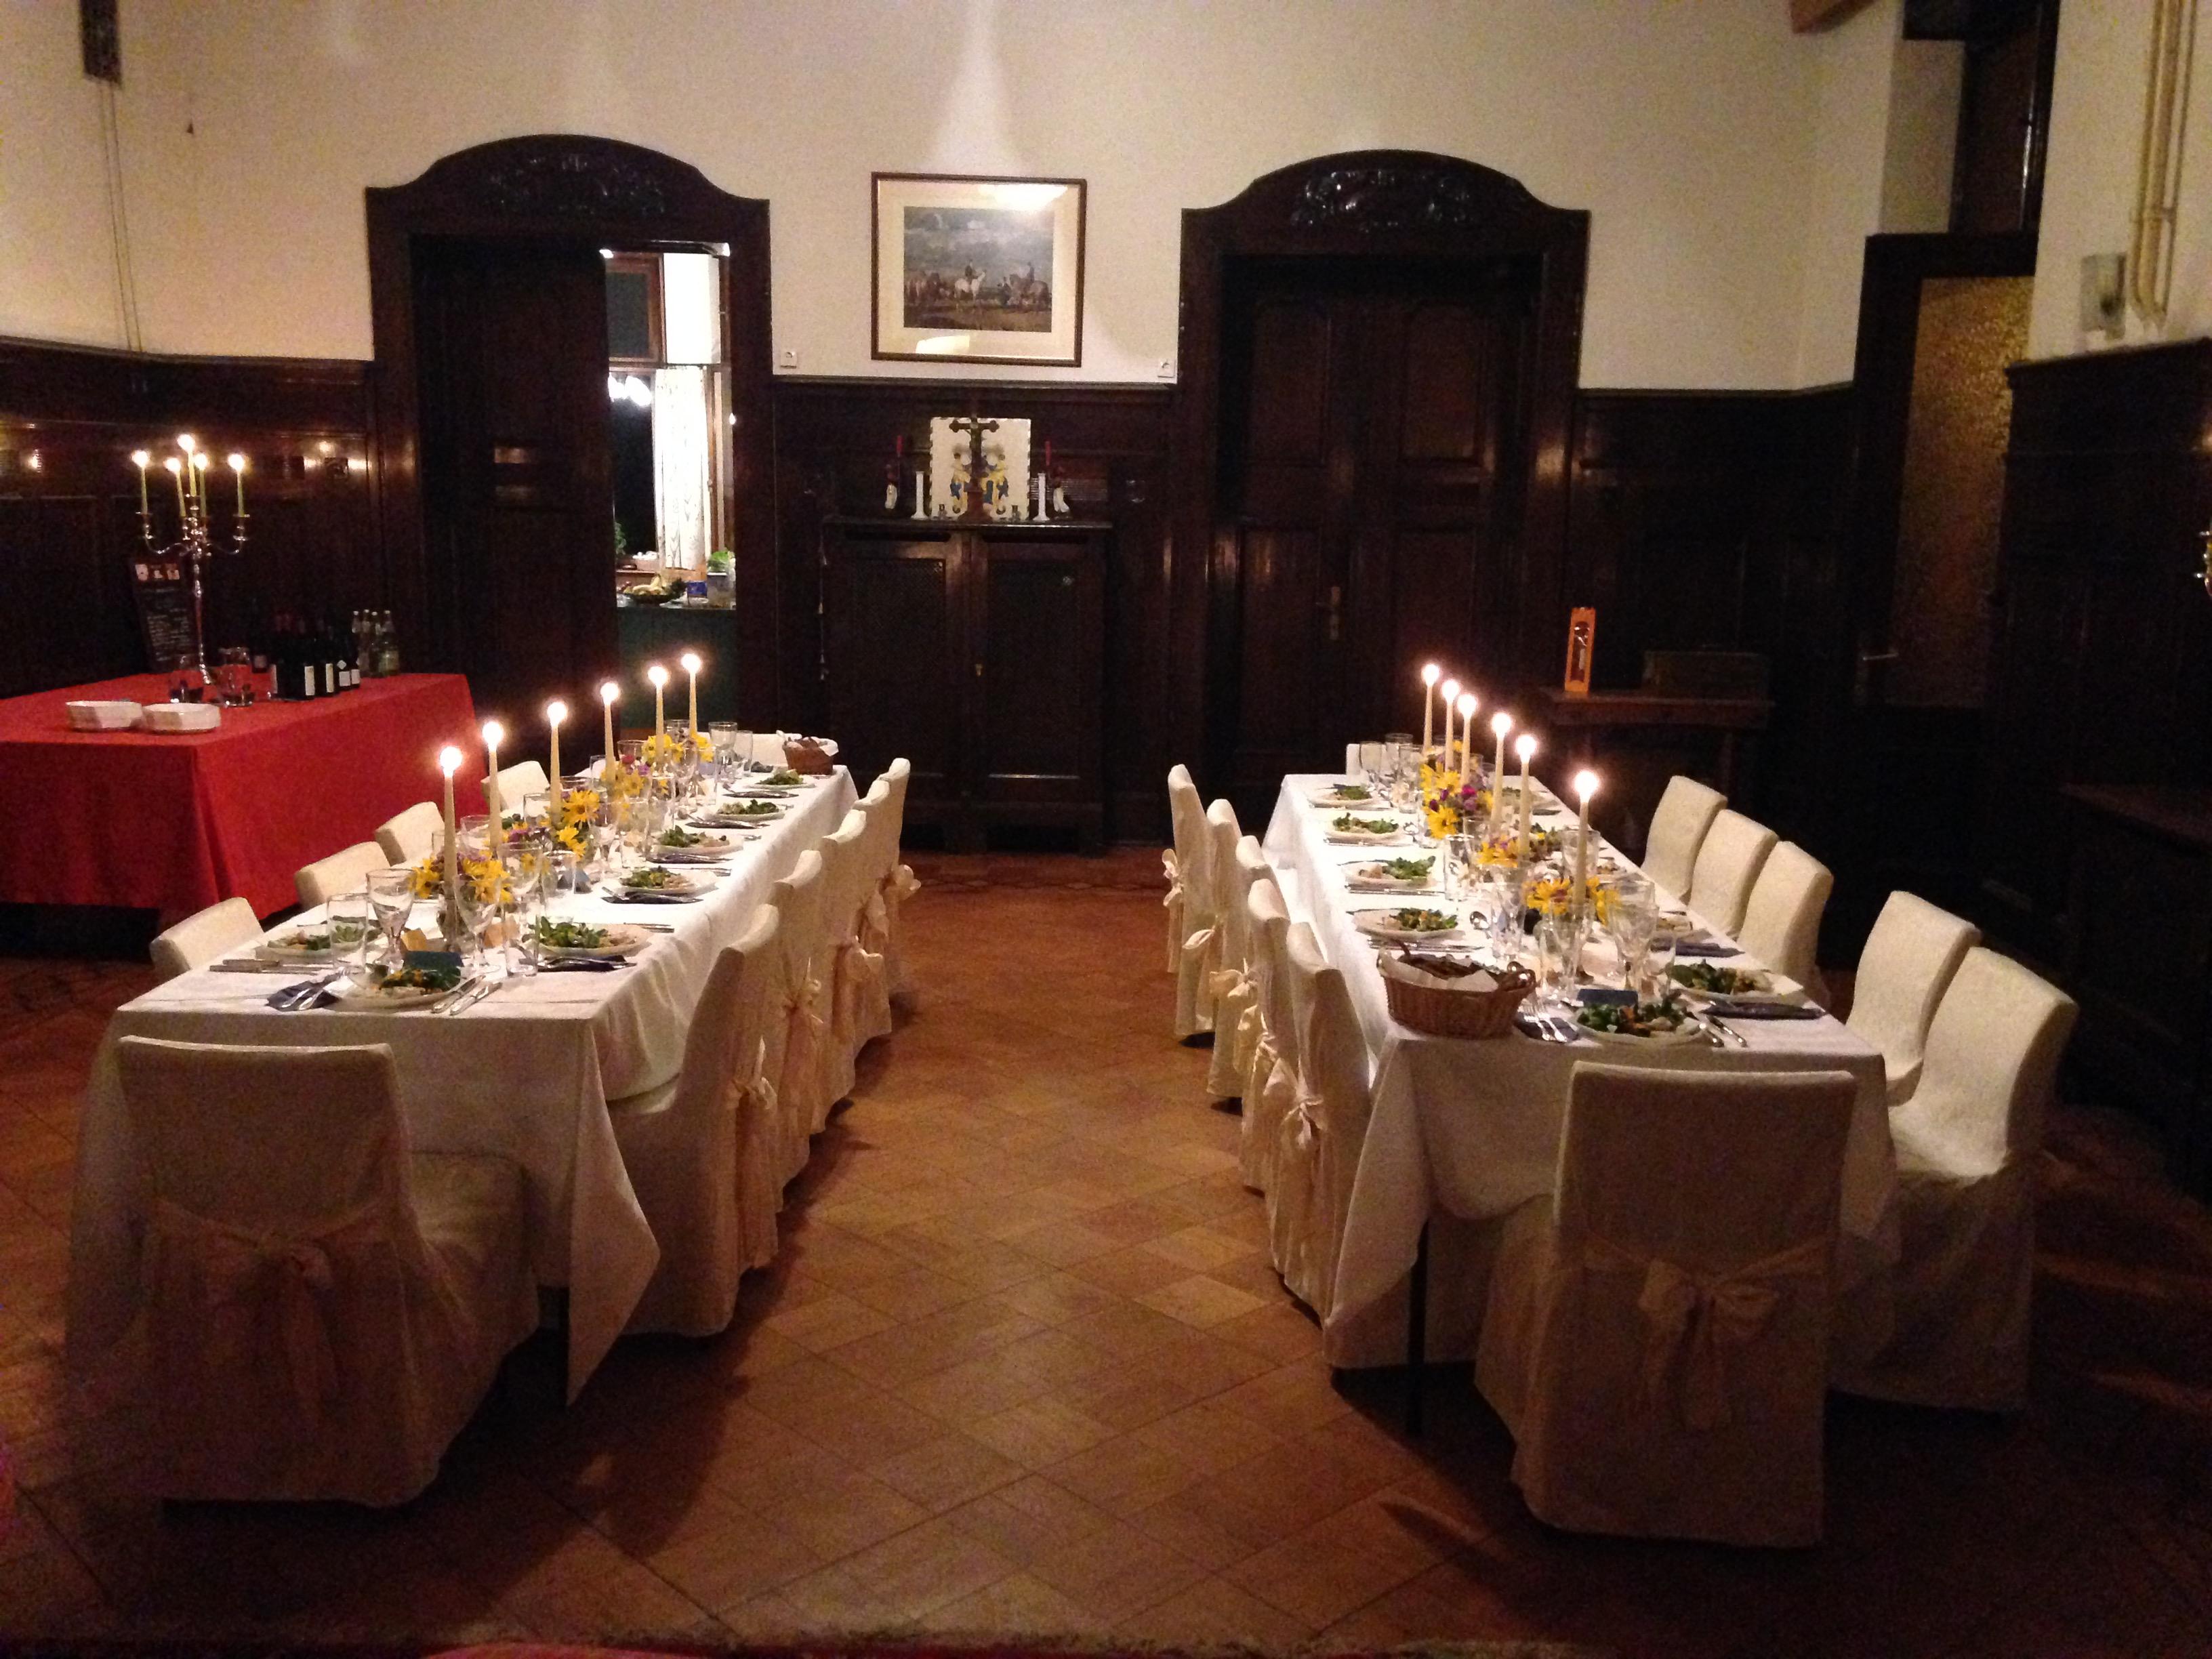 Essen im großen Saal im Haupthaus